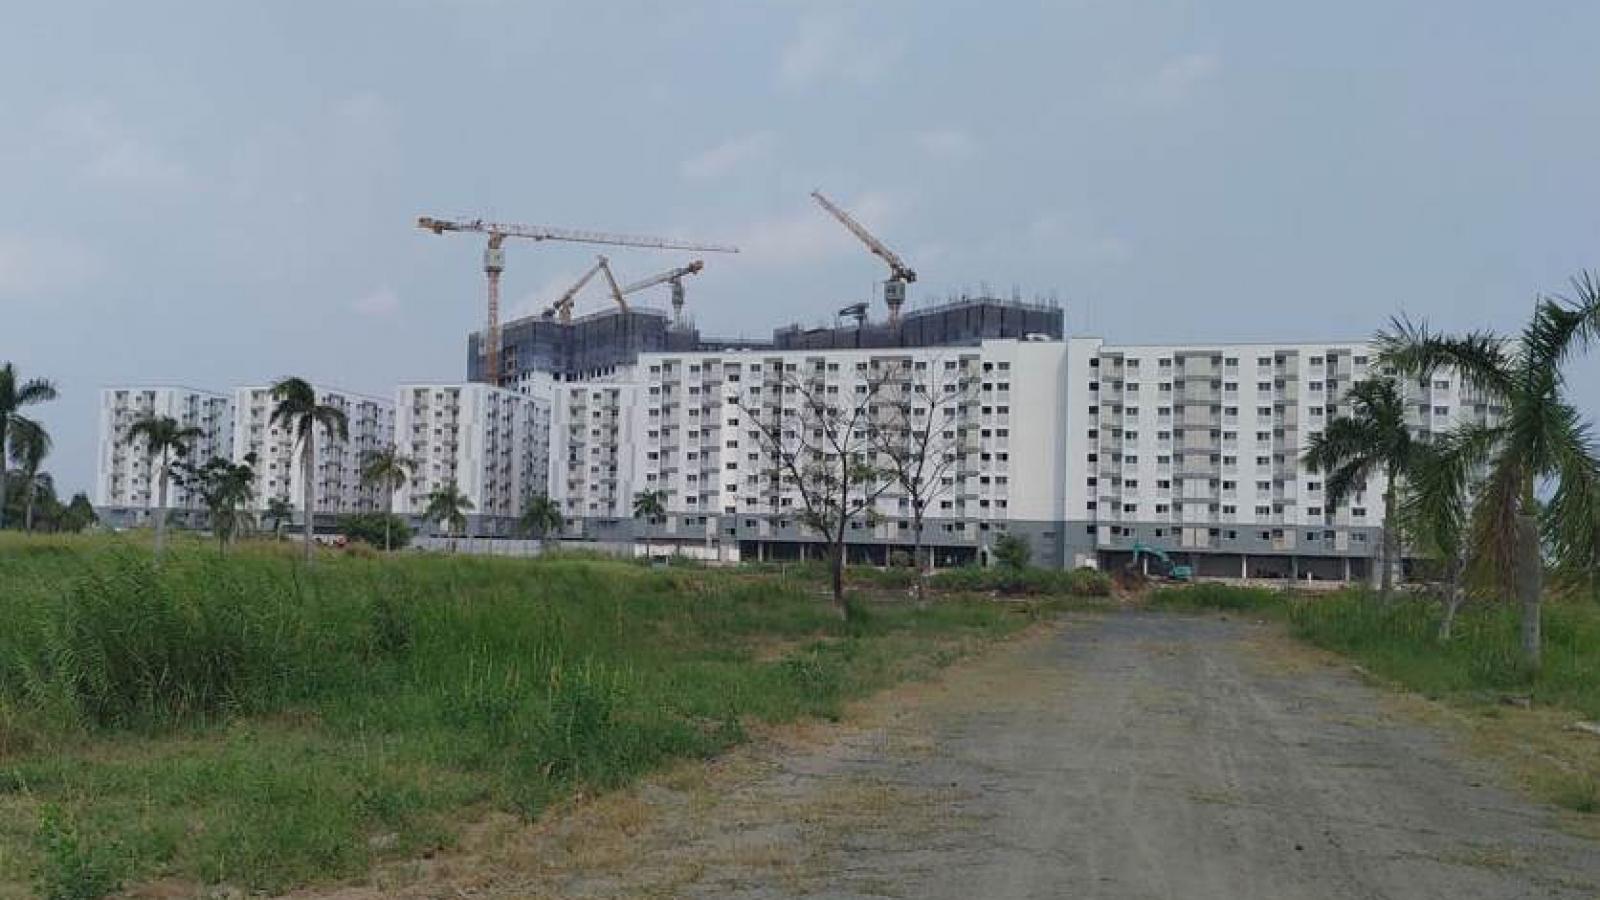 Nhiều vi phạm về quản lý nhà đất tại huyện Bình Chánh, TPHCM